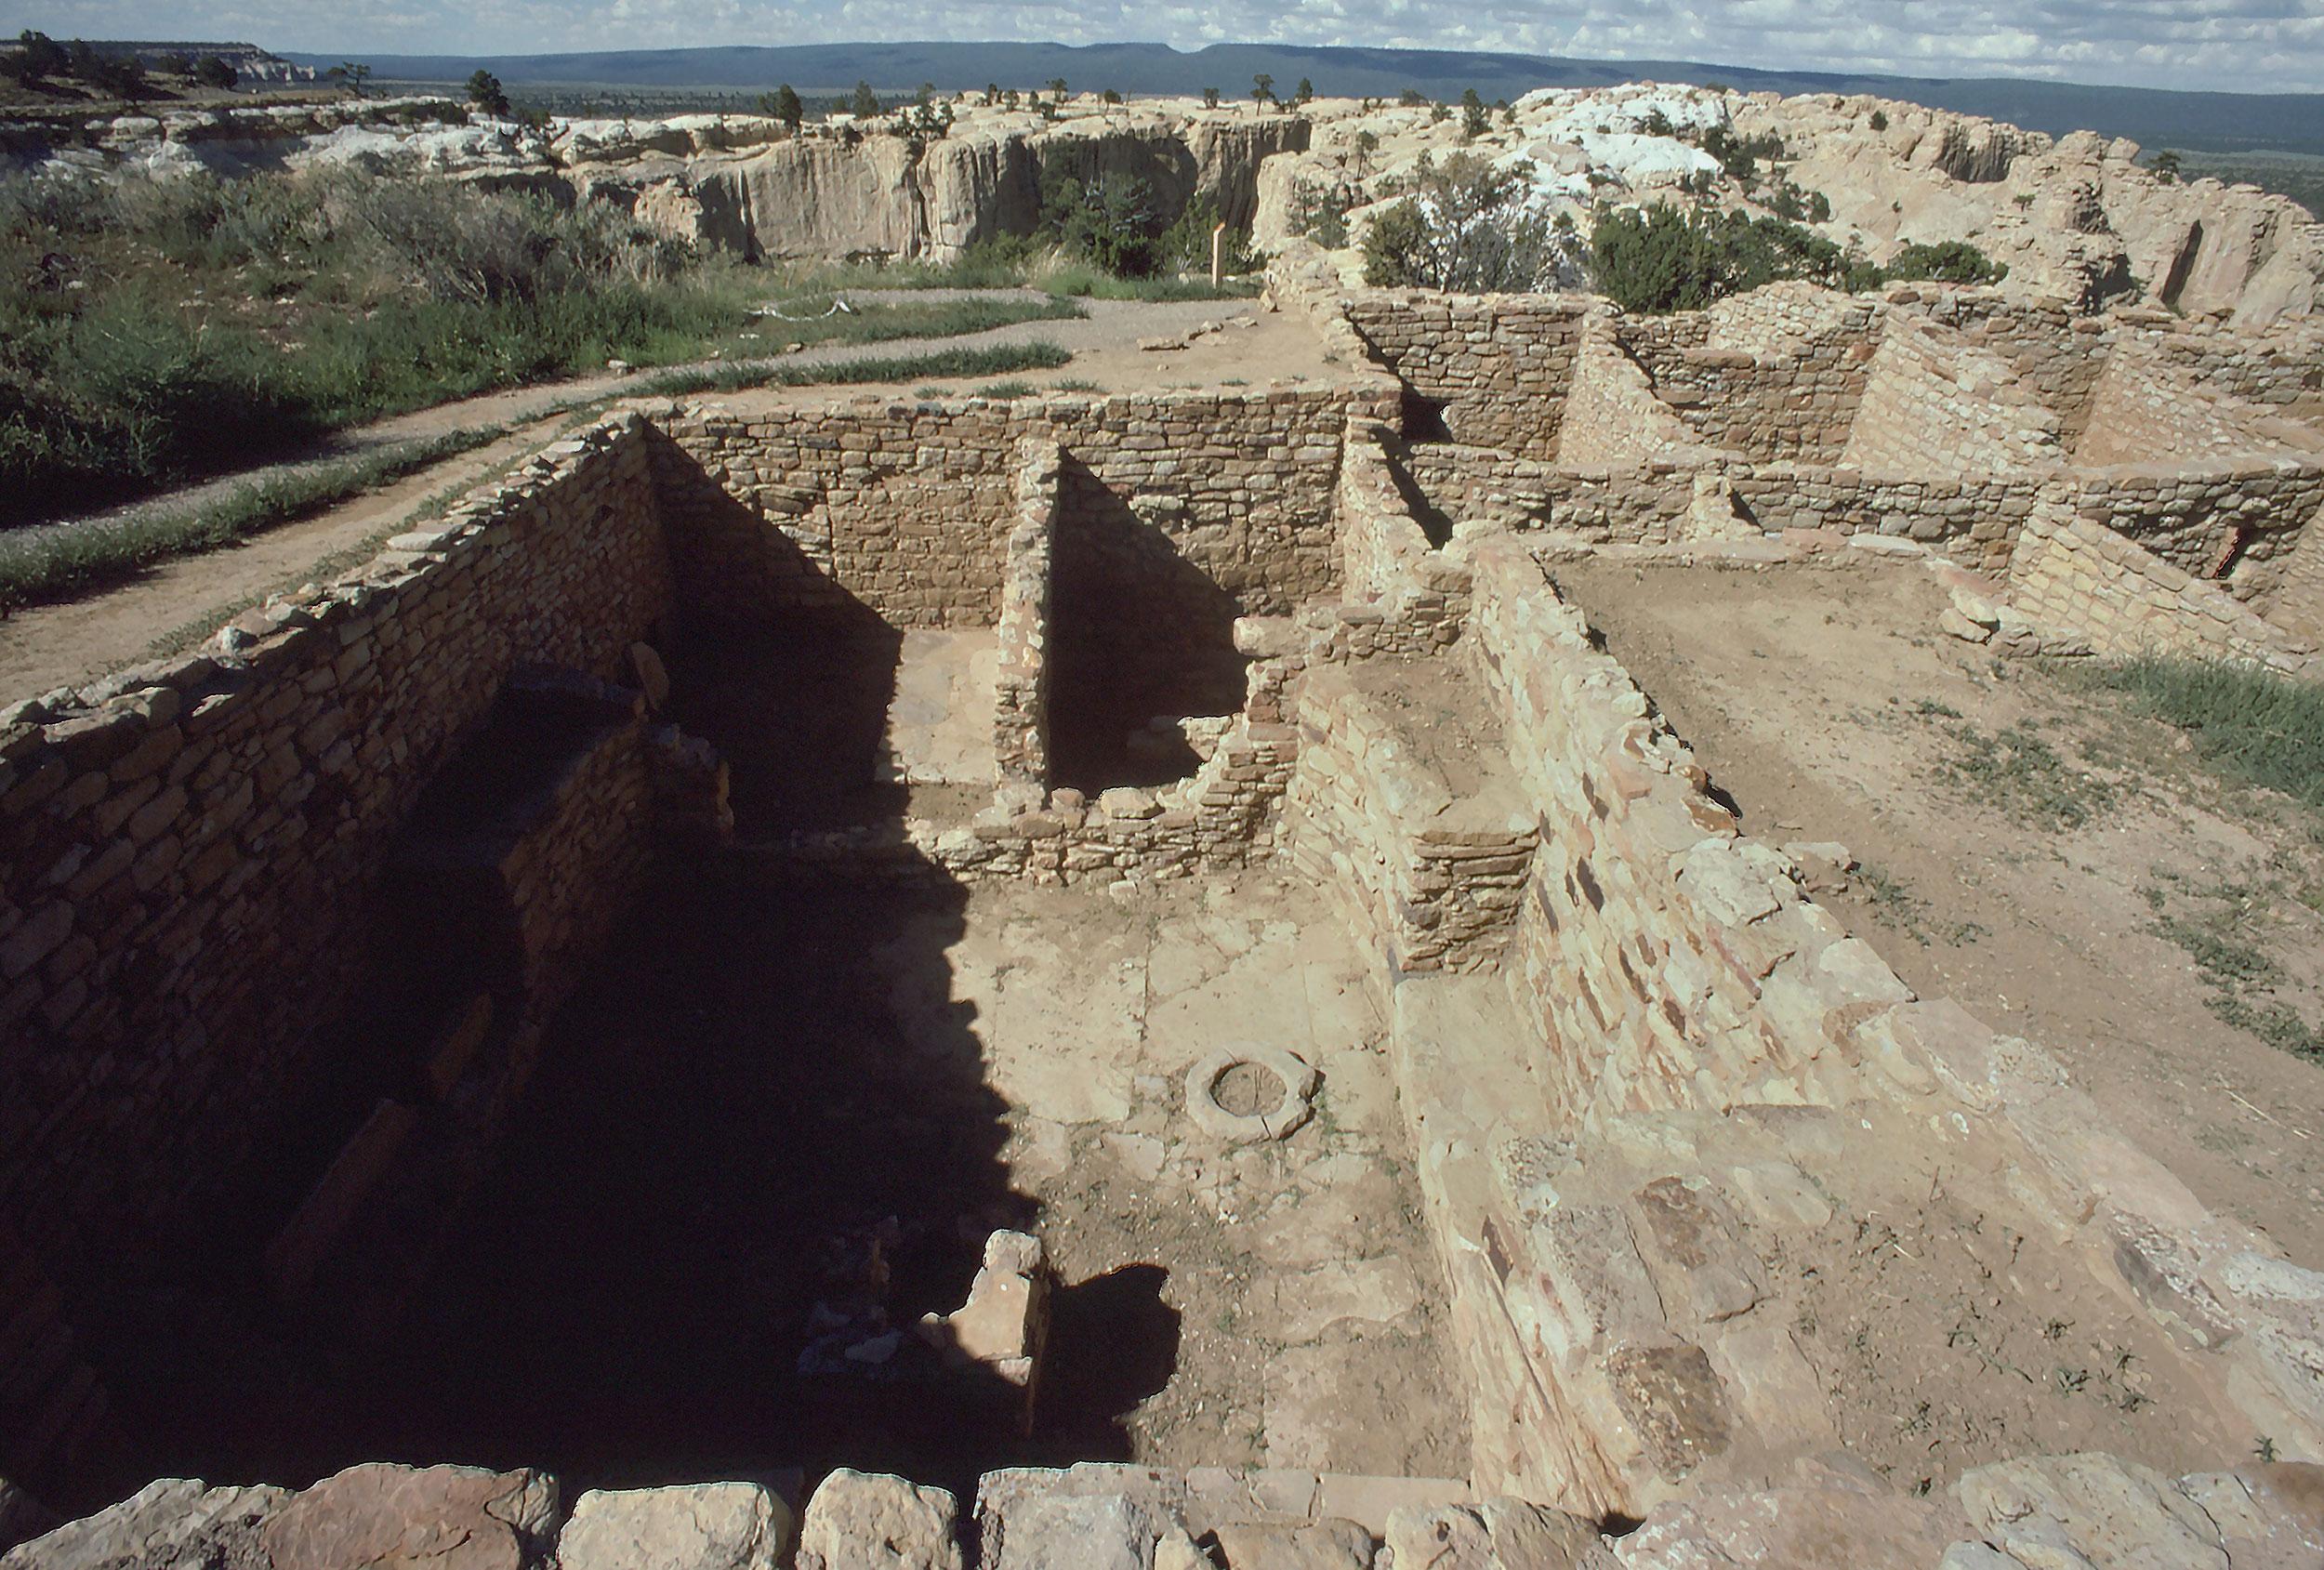 El Moro Ruin